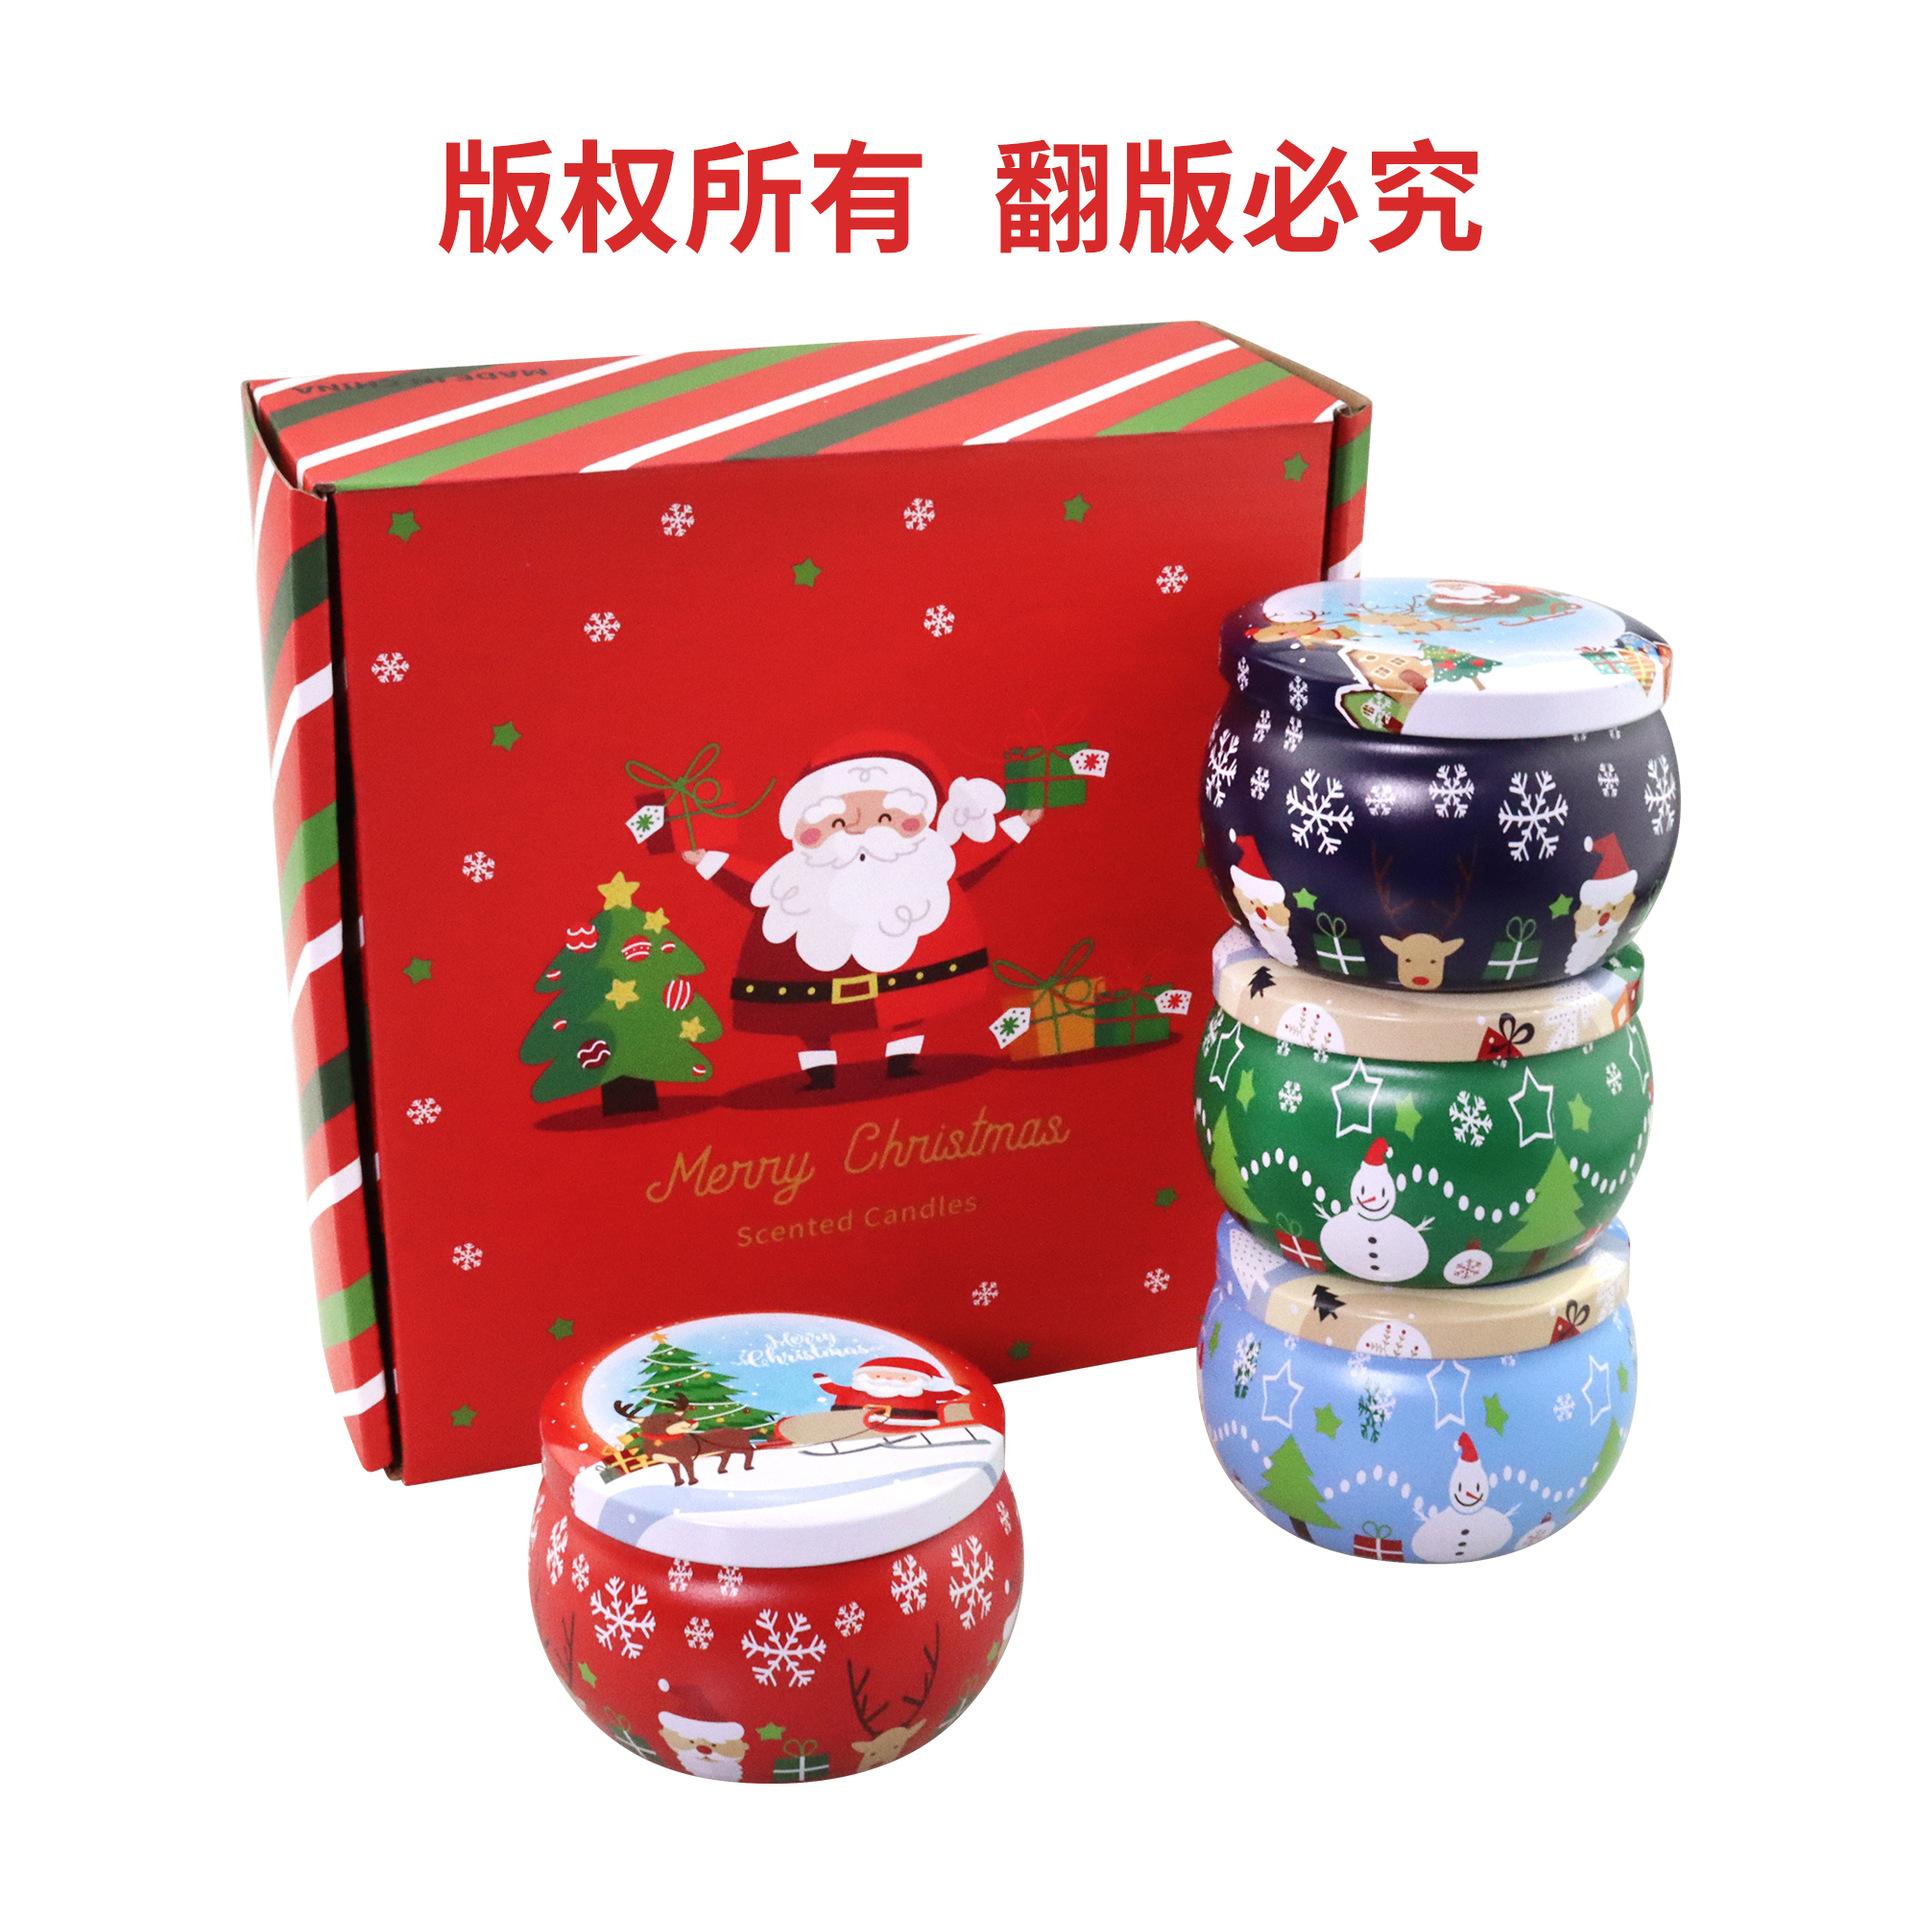 糖果饼干金属罐茶叶包装铁罐跨境礼盒4盎司马口铁香氛香薰蜡烛罐